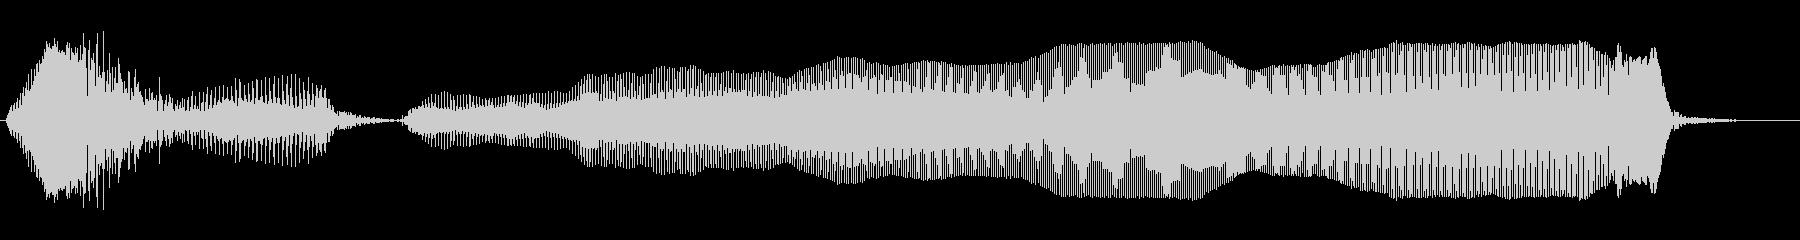 レディー…の未再生の波形